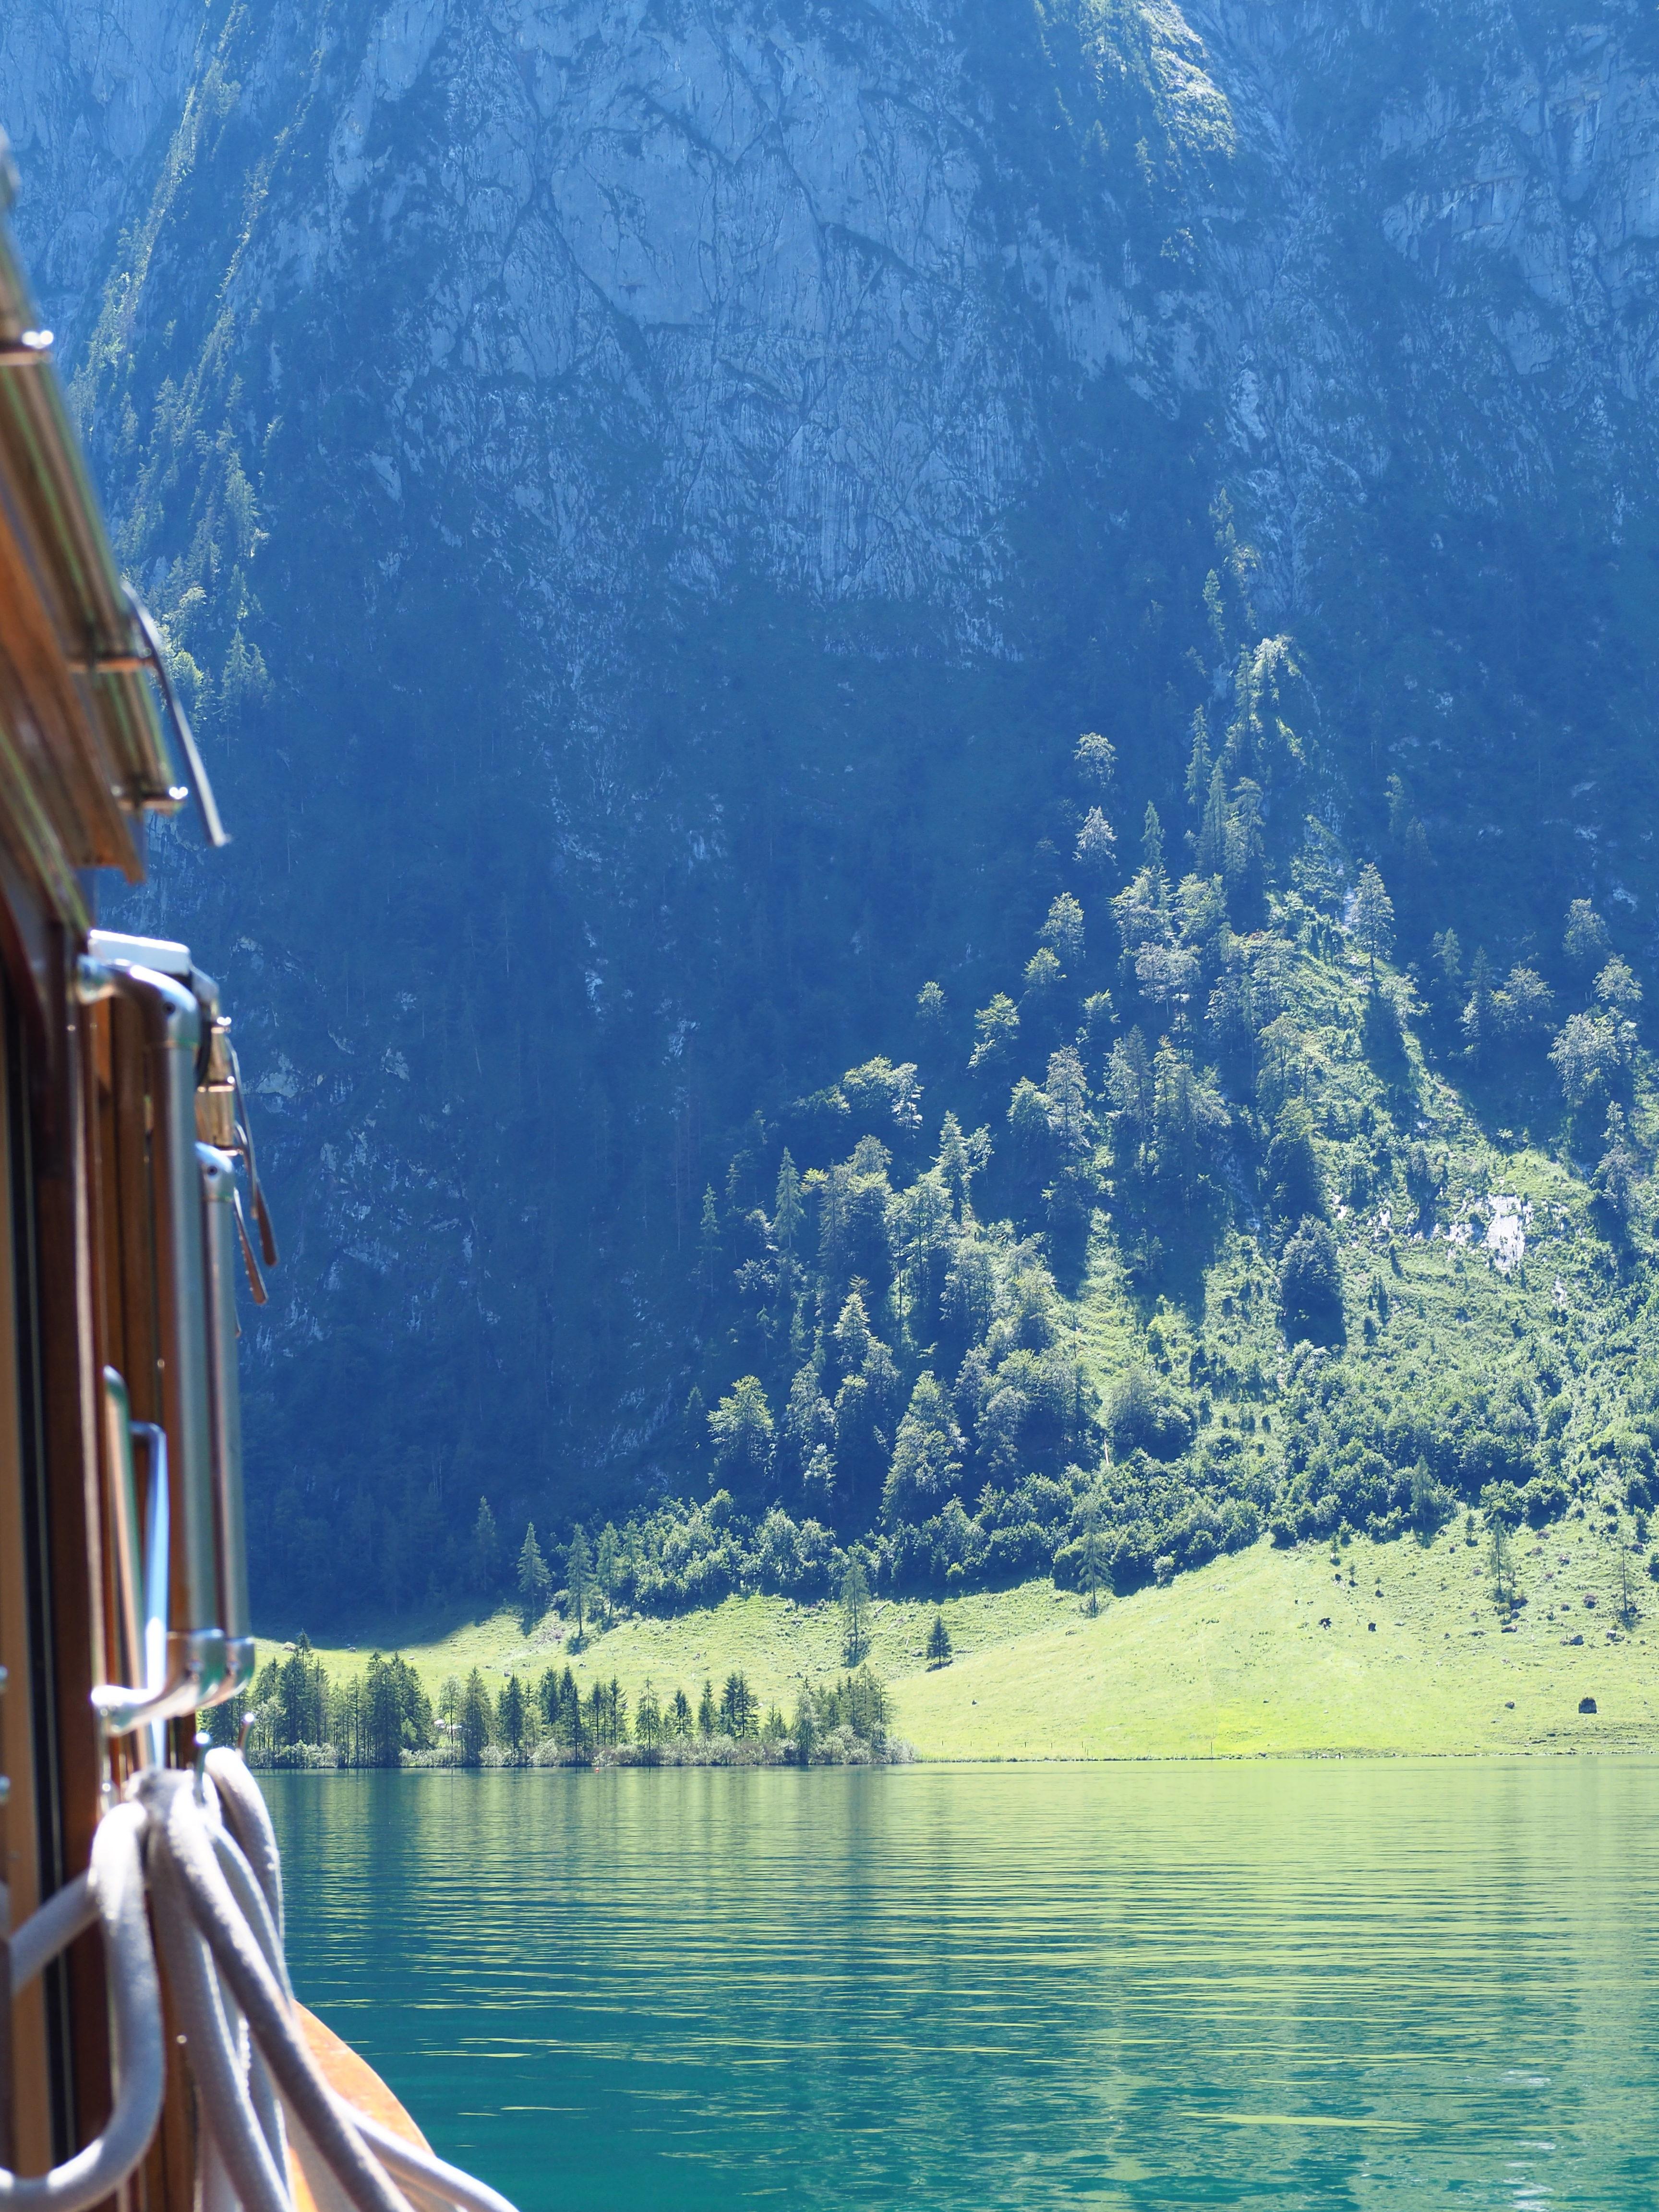 bateau lac Konigssee bavière allemagne voyage clioandco